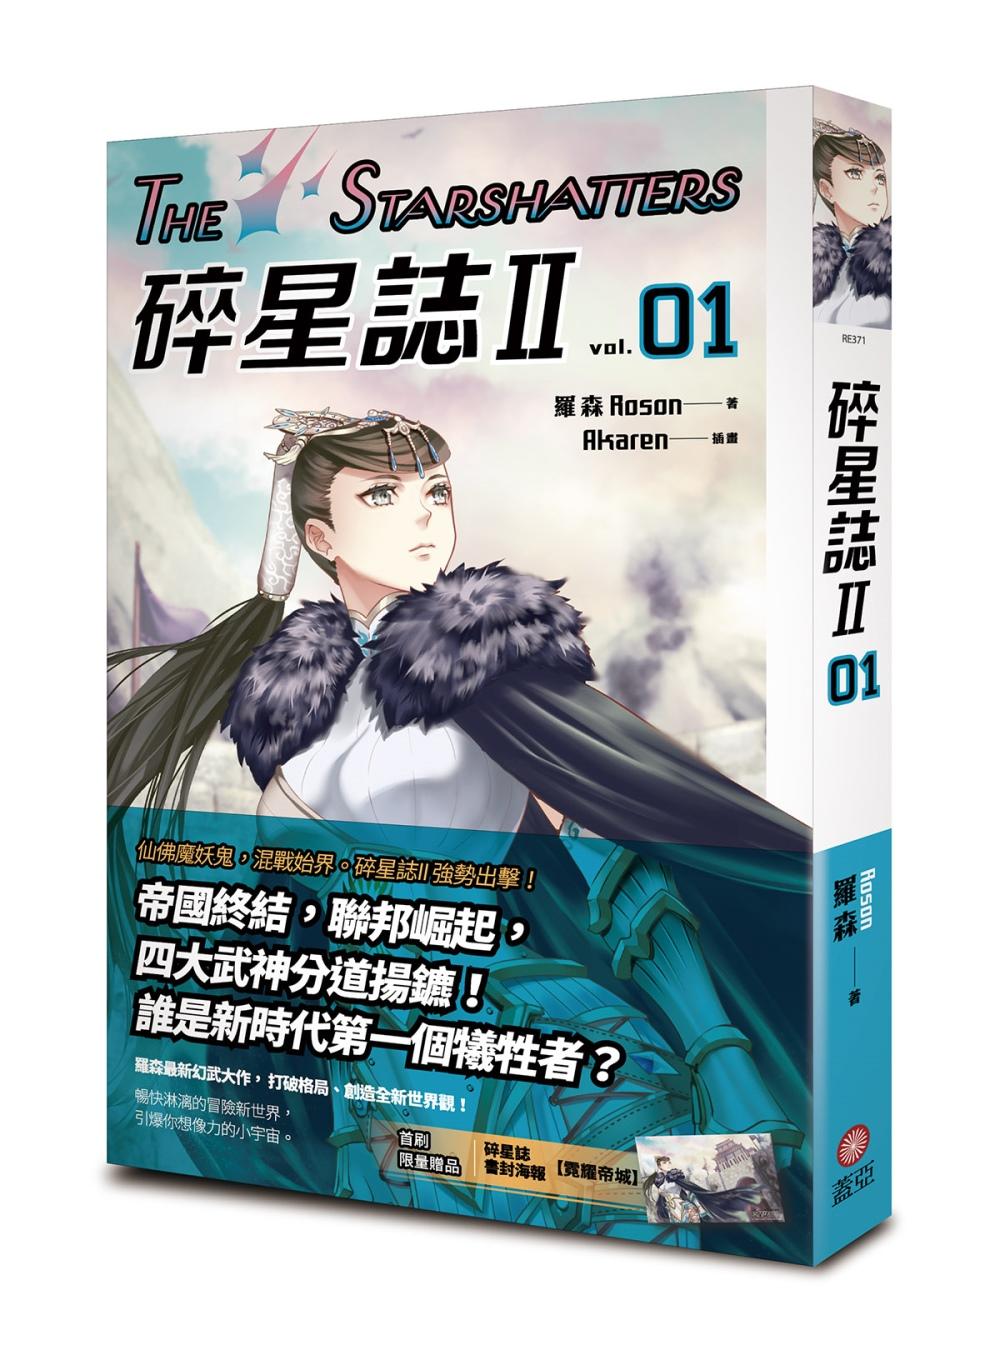 ◤博客來BOOKS◢ 暢銷書榜《推薦》碎星誌Ⅱ vol.01